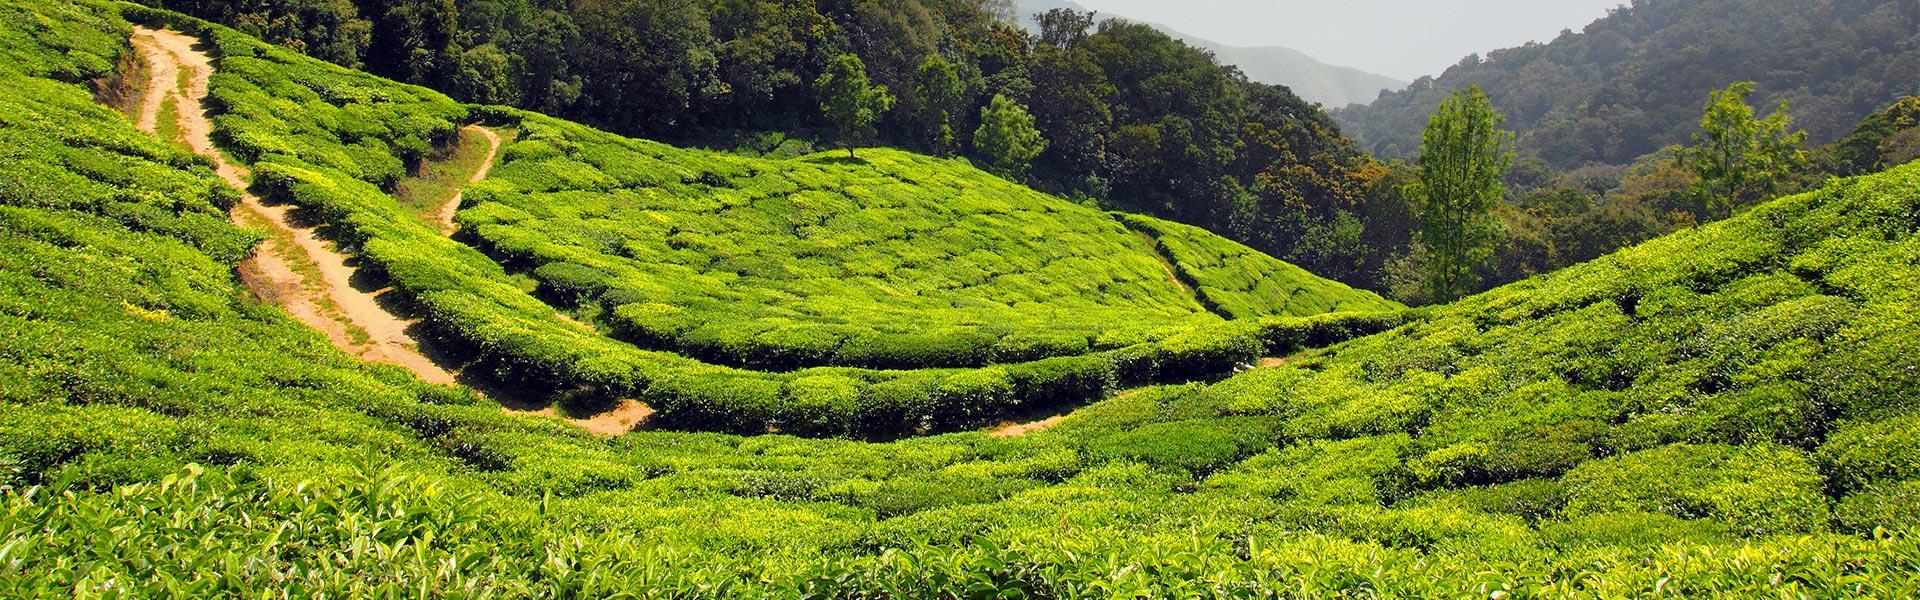 Plantações do chá